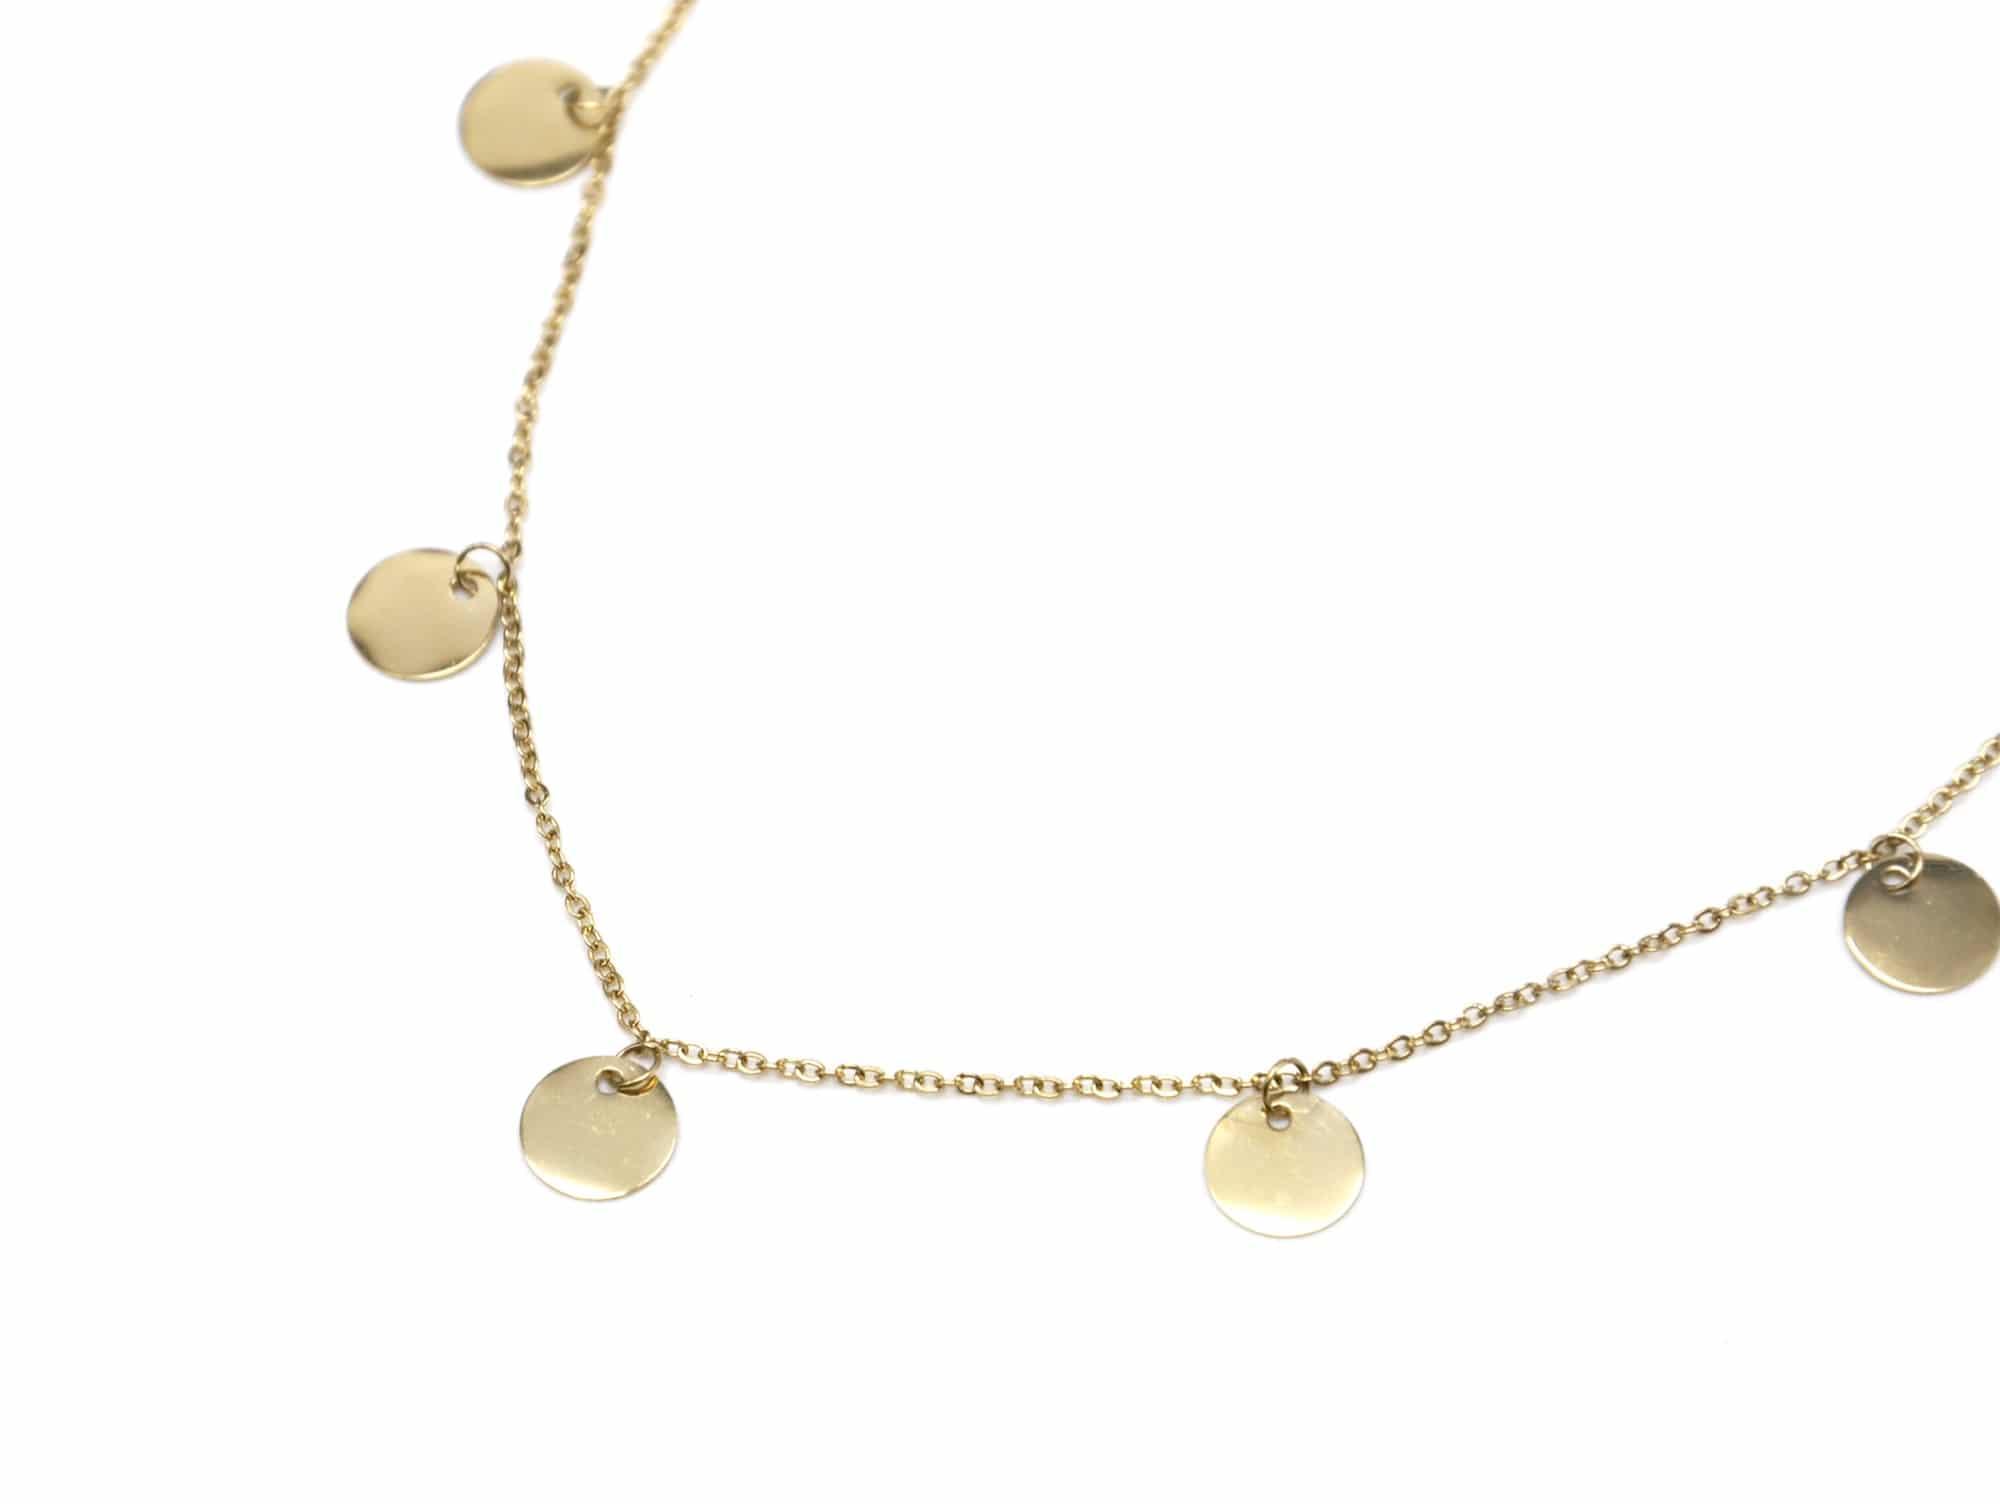 SHIJIAN Pendentif Collier Pendentif Perle Imitation Pendentif Boucles doreilles Pendantes Collier Mode Bijoux Parure pour Femme F/ête Mariage Anniversaire Cadeau Anniversaire Orange Alliage